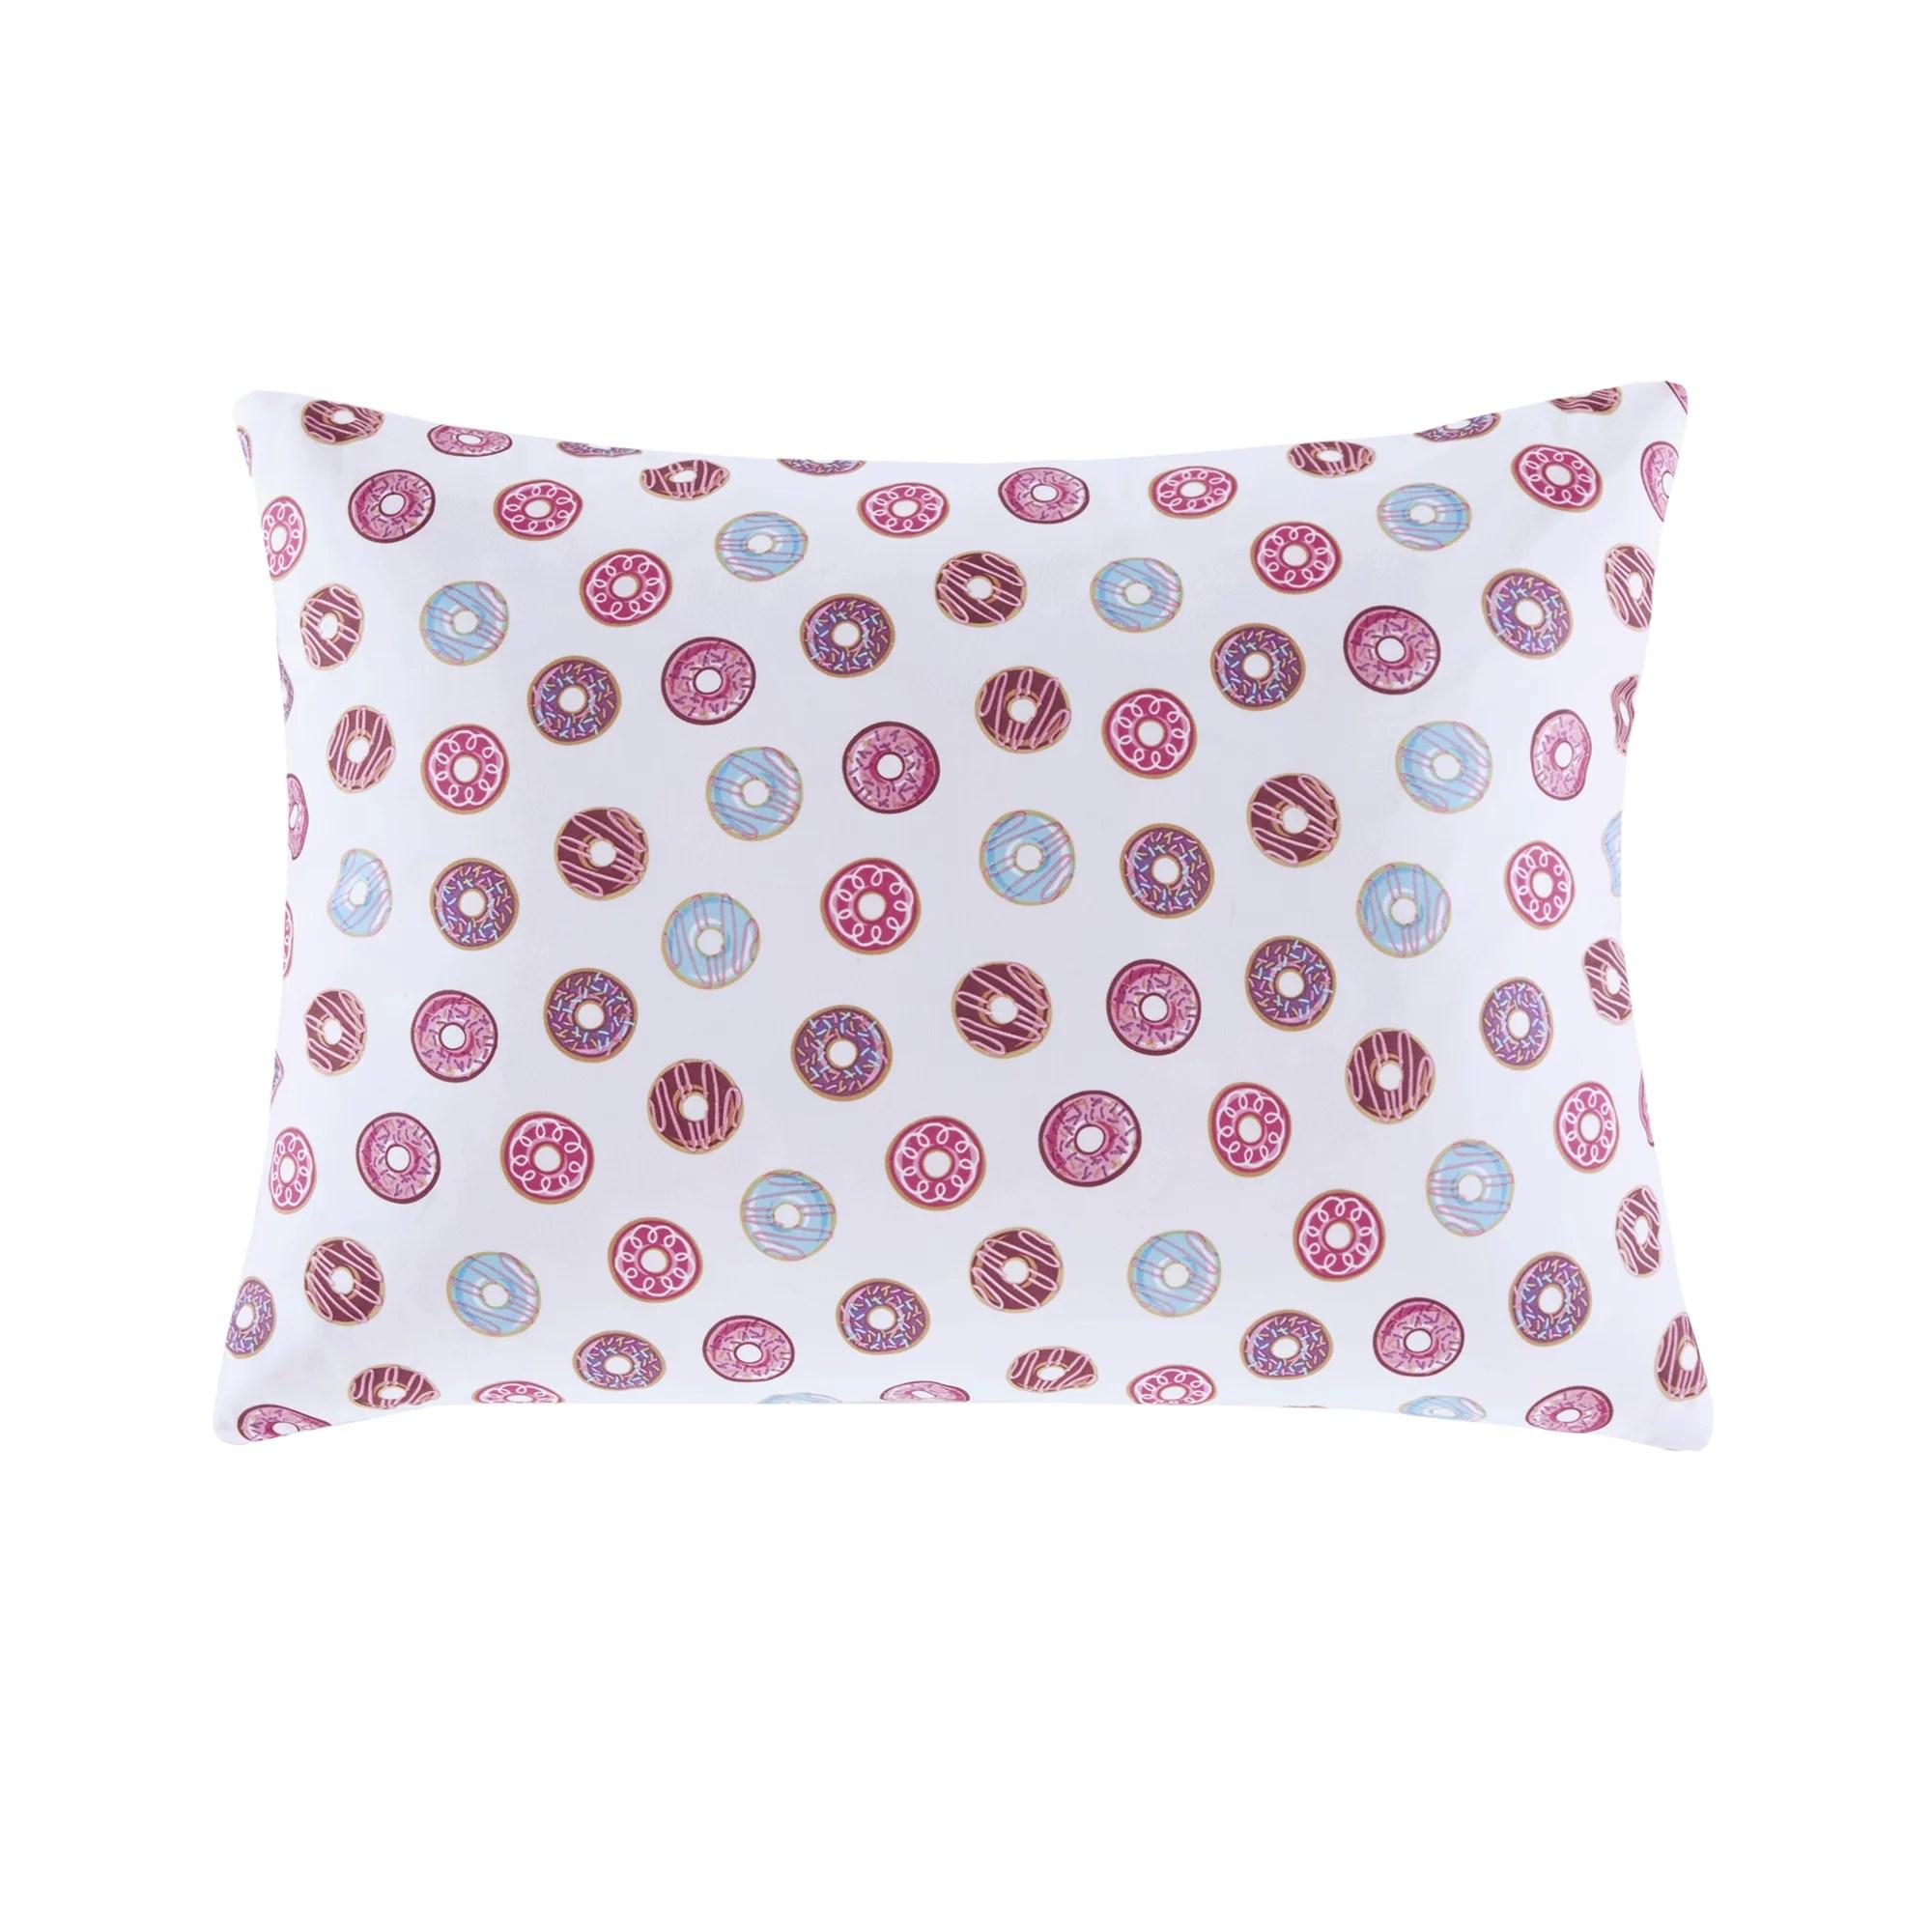 mainstays mainstays microfiber travel pillow cover 1 each walmart com